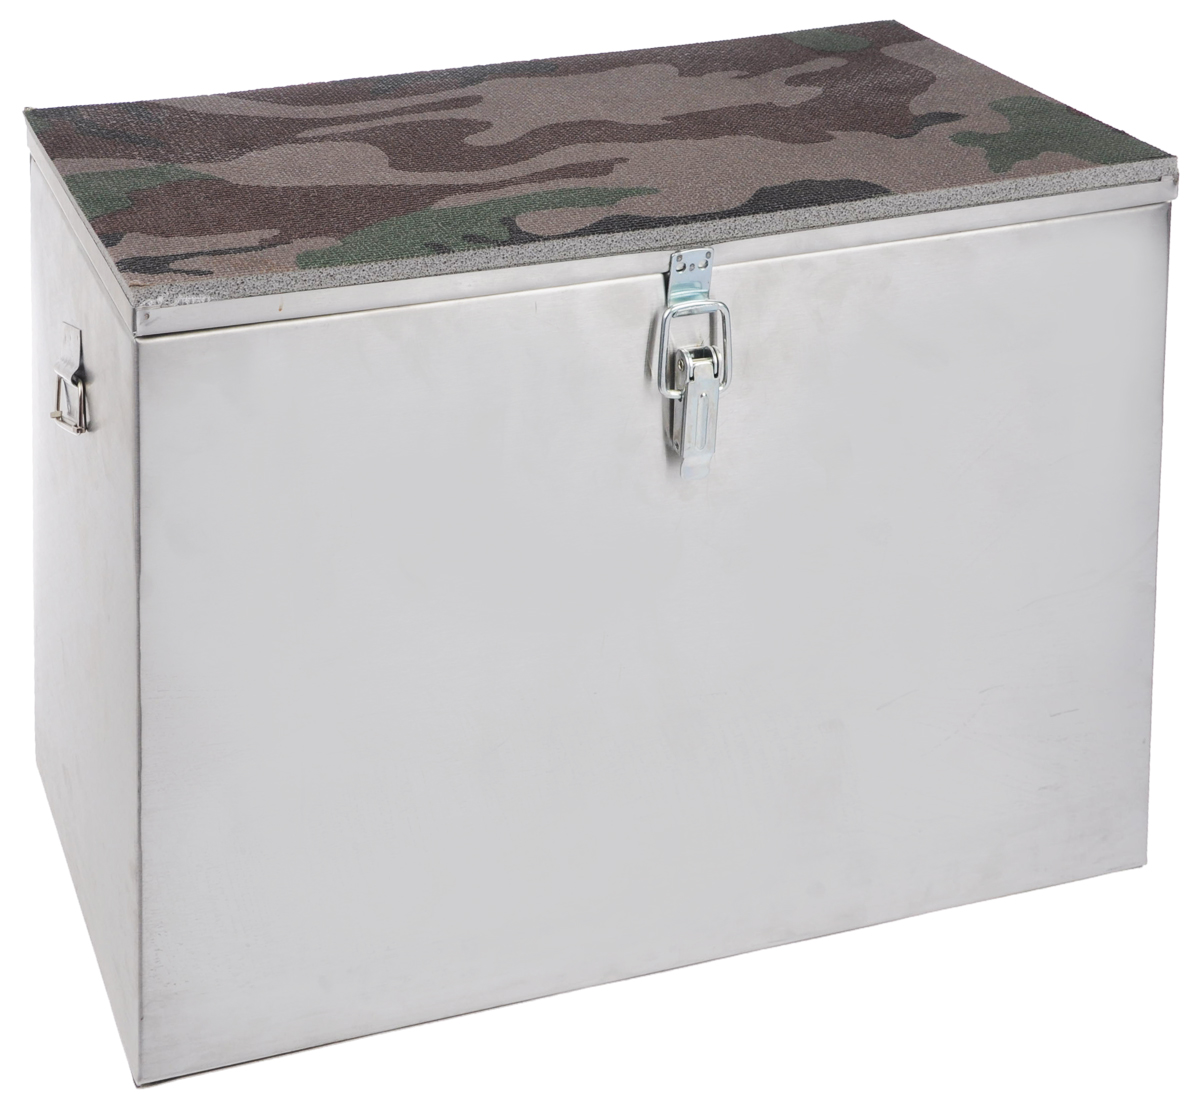 Ящик рыболова Рост, 40 см х 19 см х 29 см2447Прочный и надежный ящик Рост сможет не один год прослужить любителю зимней рыбалки для транспортировки снастей и улова. Корпус изготовлен из листовой оцинкованной стали. Служащая сиденьем верхняя часть крышки оклеена плотным теплоизолятором - пенополиэтиленом с рифленой поверхностью. Внутренний объем ящика разделен перегородкой, придающей конструкции дополнительную жесткость. Боковые стенки емкости снабжены петлями для крепления идущего в комплекте плечевого ремня.